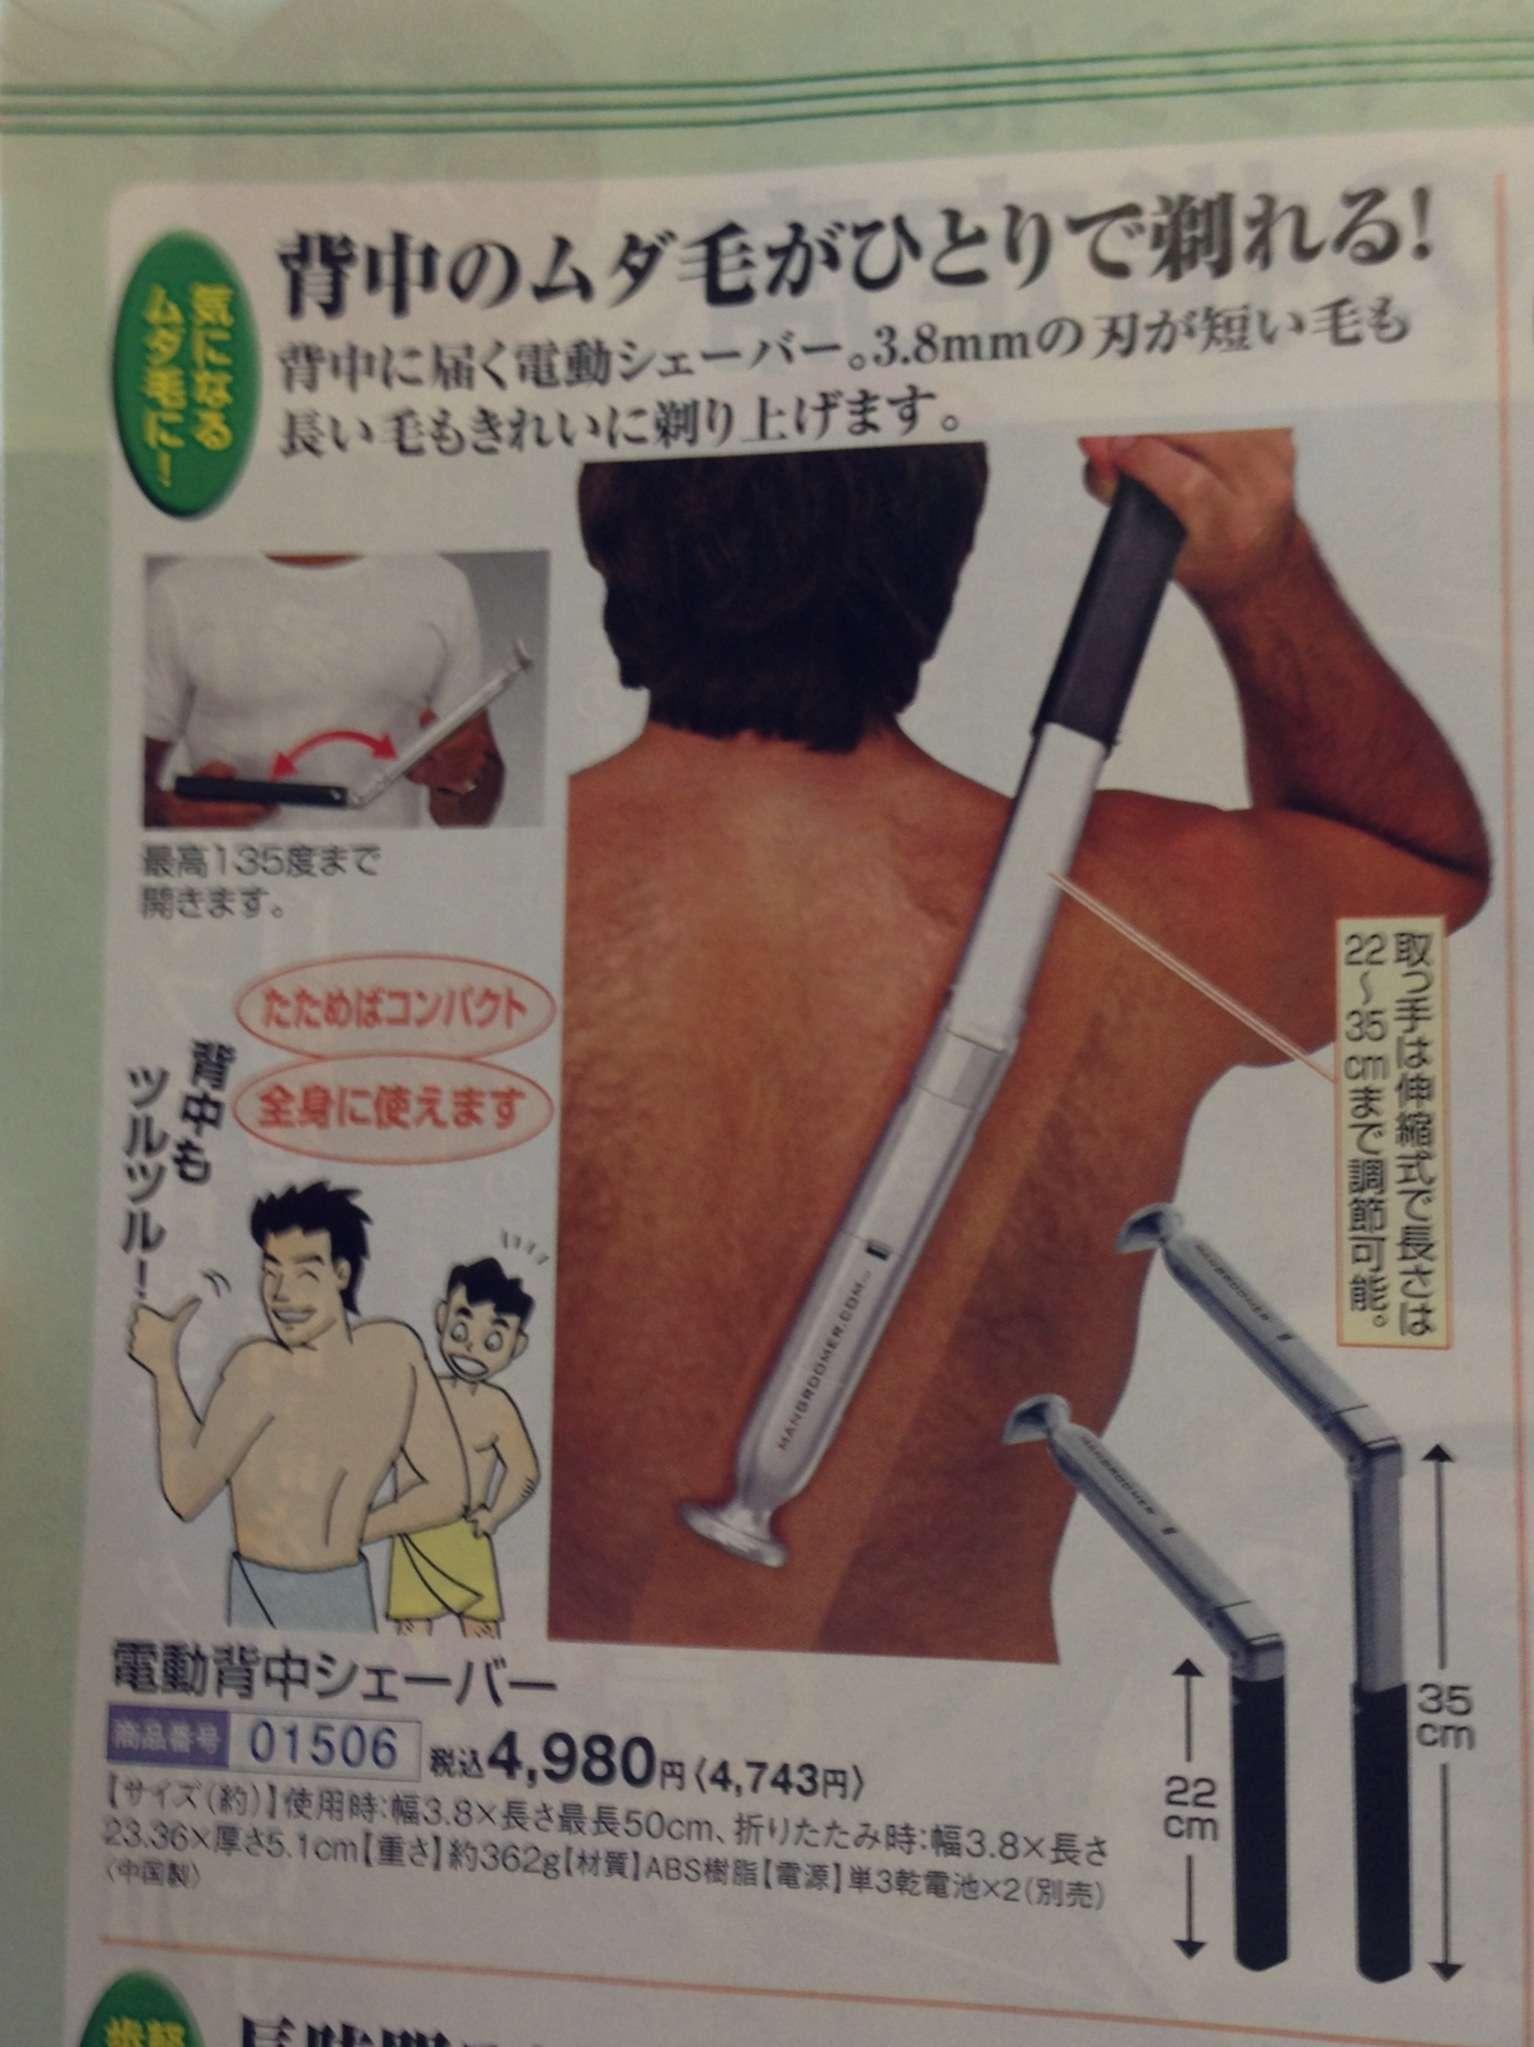 海外の画像サイトに紹介されていた「日本の発明スゲーって画像」www